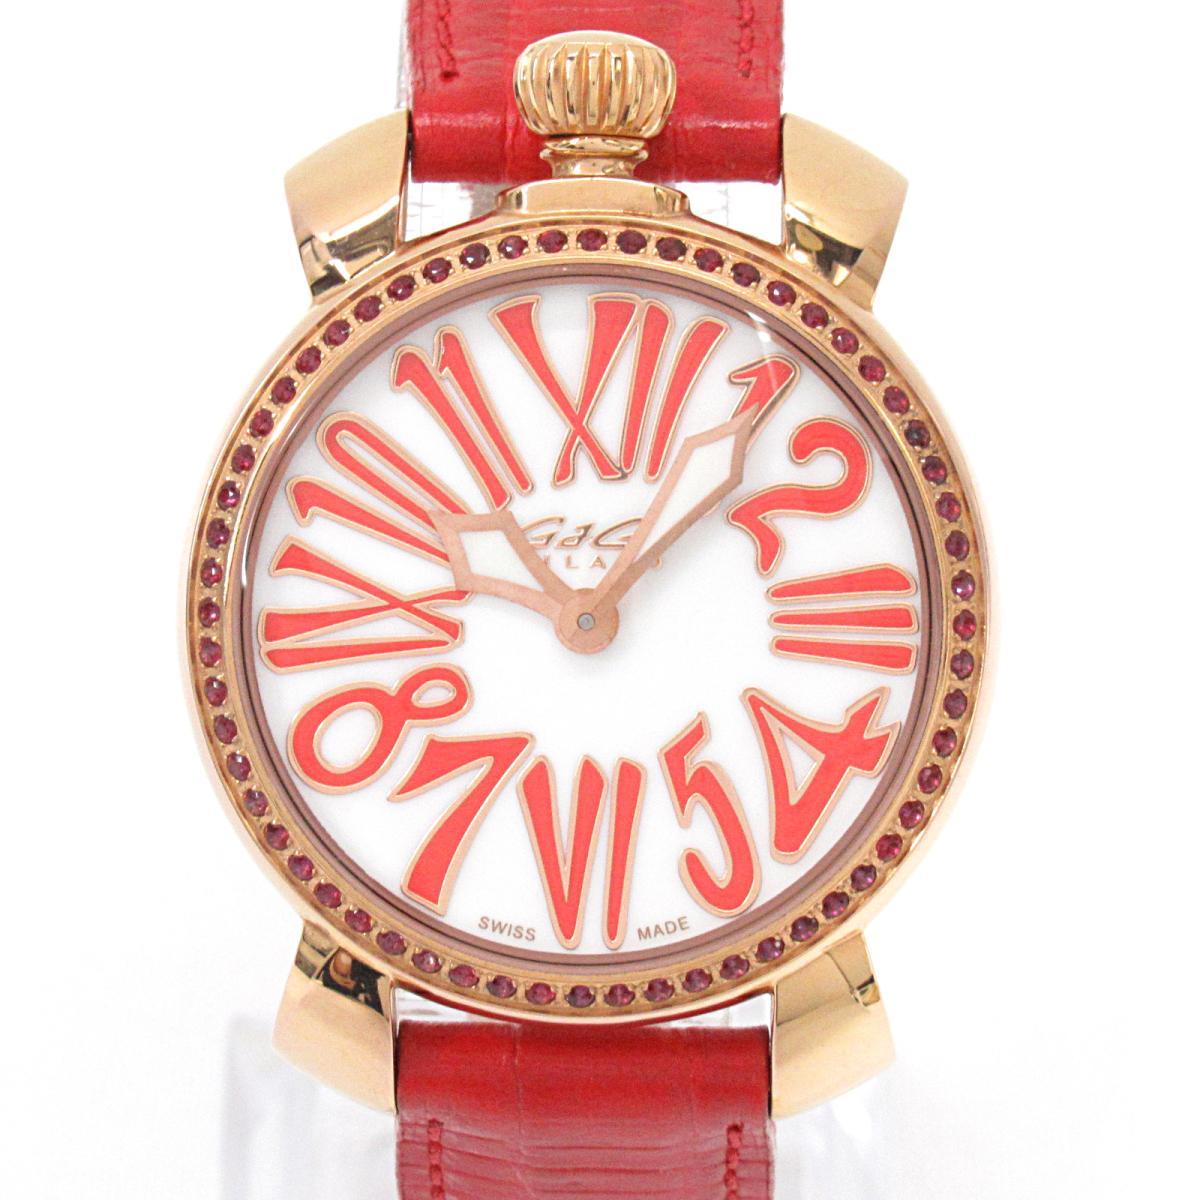 ≪期間限定≫メルマガ登録でクーポンGET! 【中古】 ガガミラノ マヌアーレ 腕時計 ウォッチ レディース ステンレススチール (SS) レザーベルト (6026) | GaGa MILANO BRANDOFF ブランドオフ ブランド ブランド時計 ブランド腕時計 時計